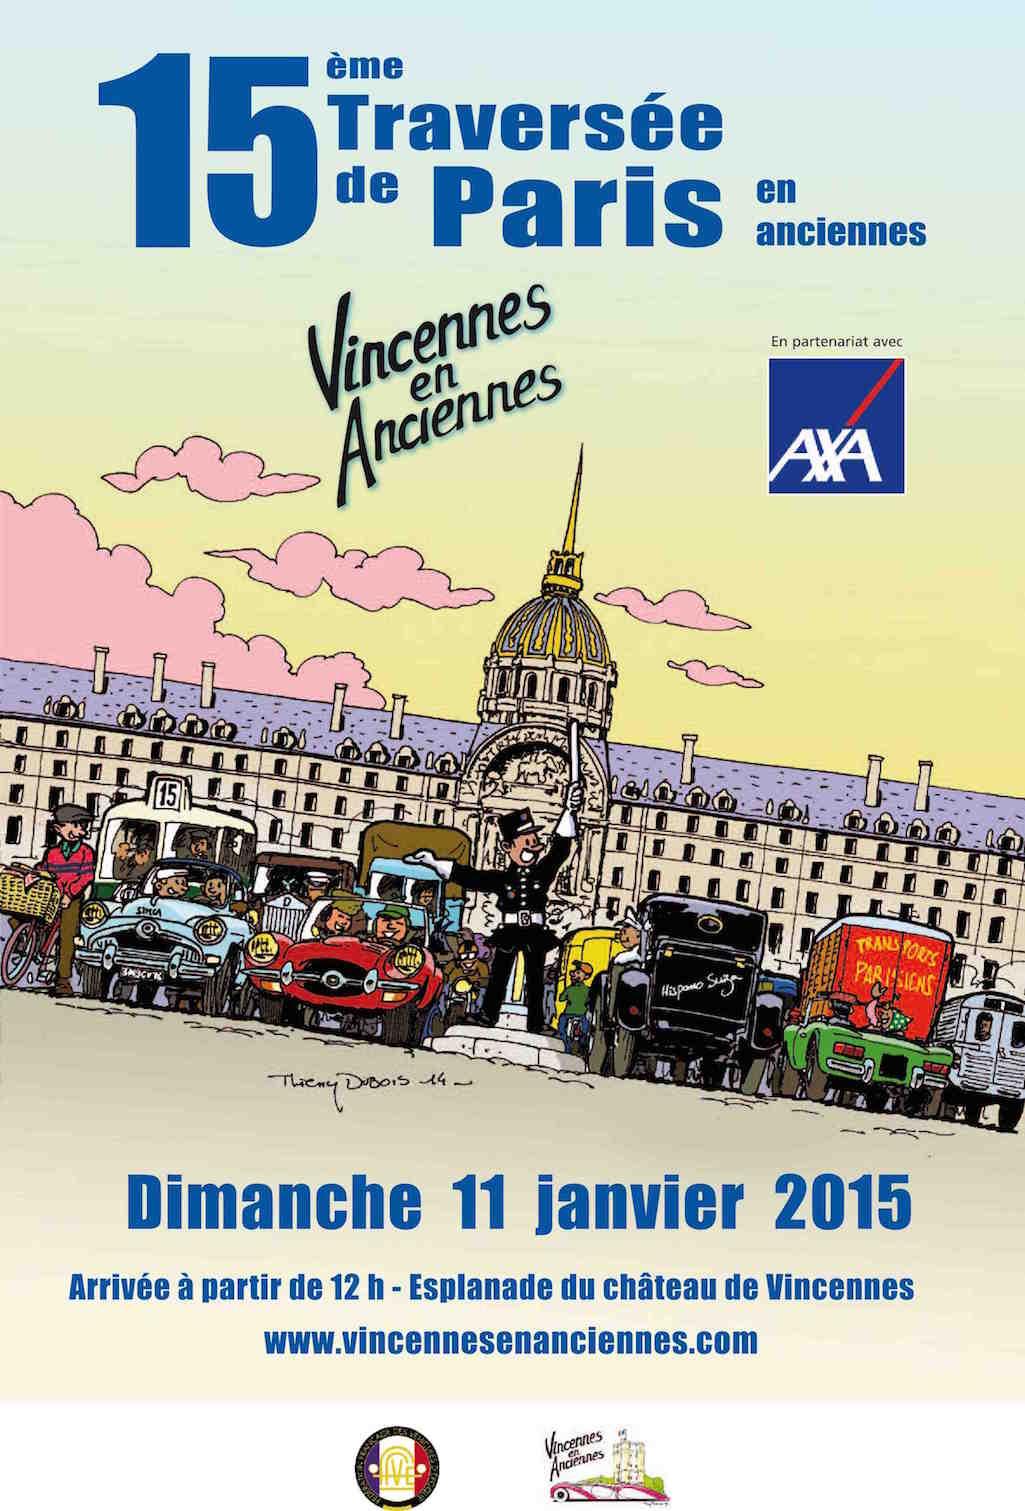 15è traversée de paris affiche